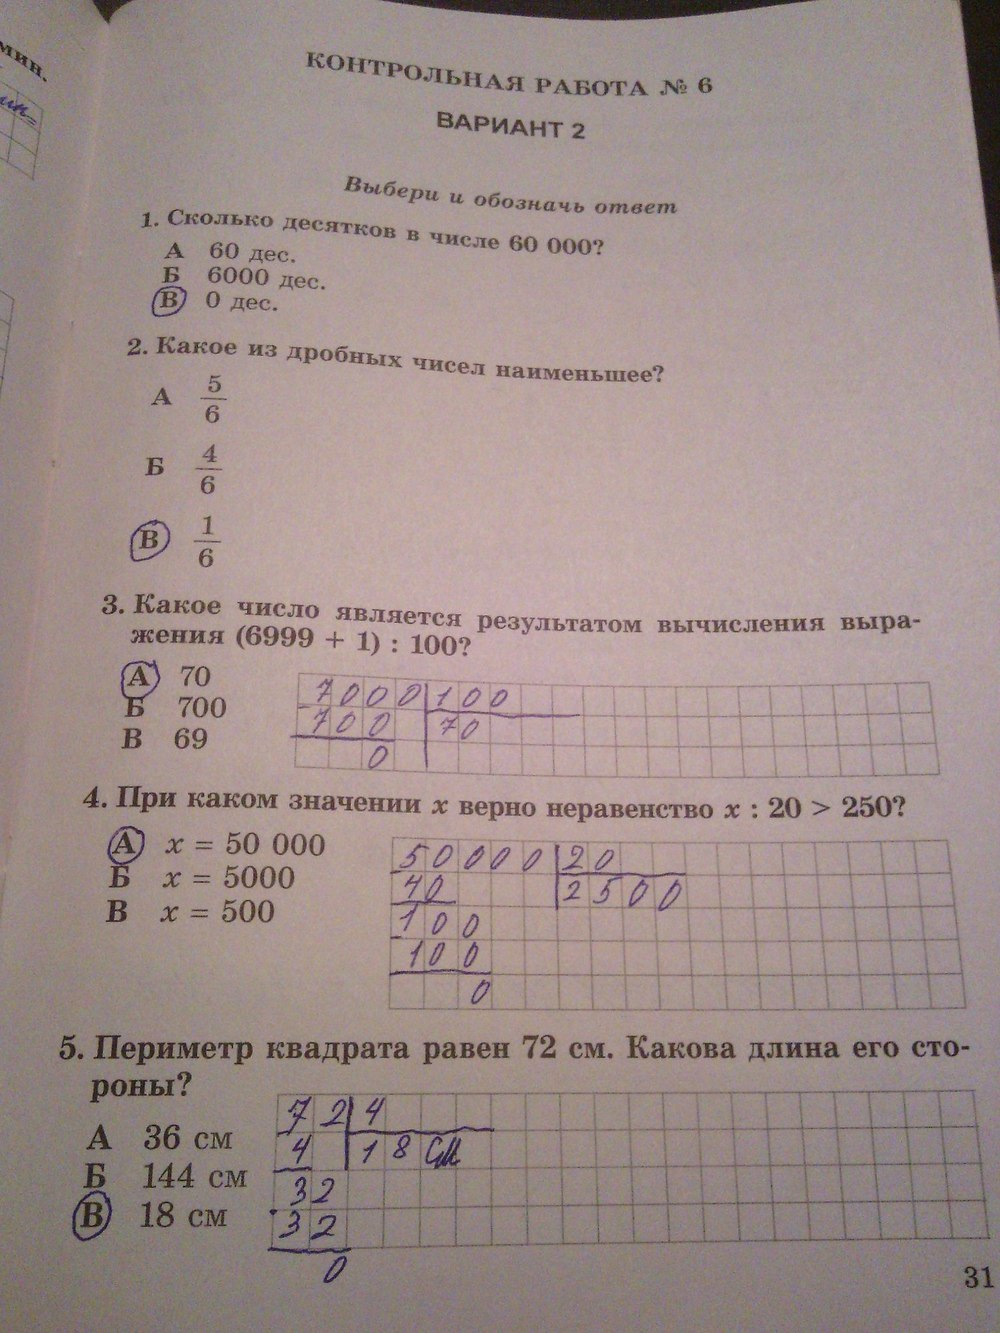 ГДЗ по математике 4 класс. Задание: стр. 31